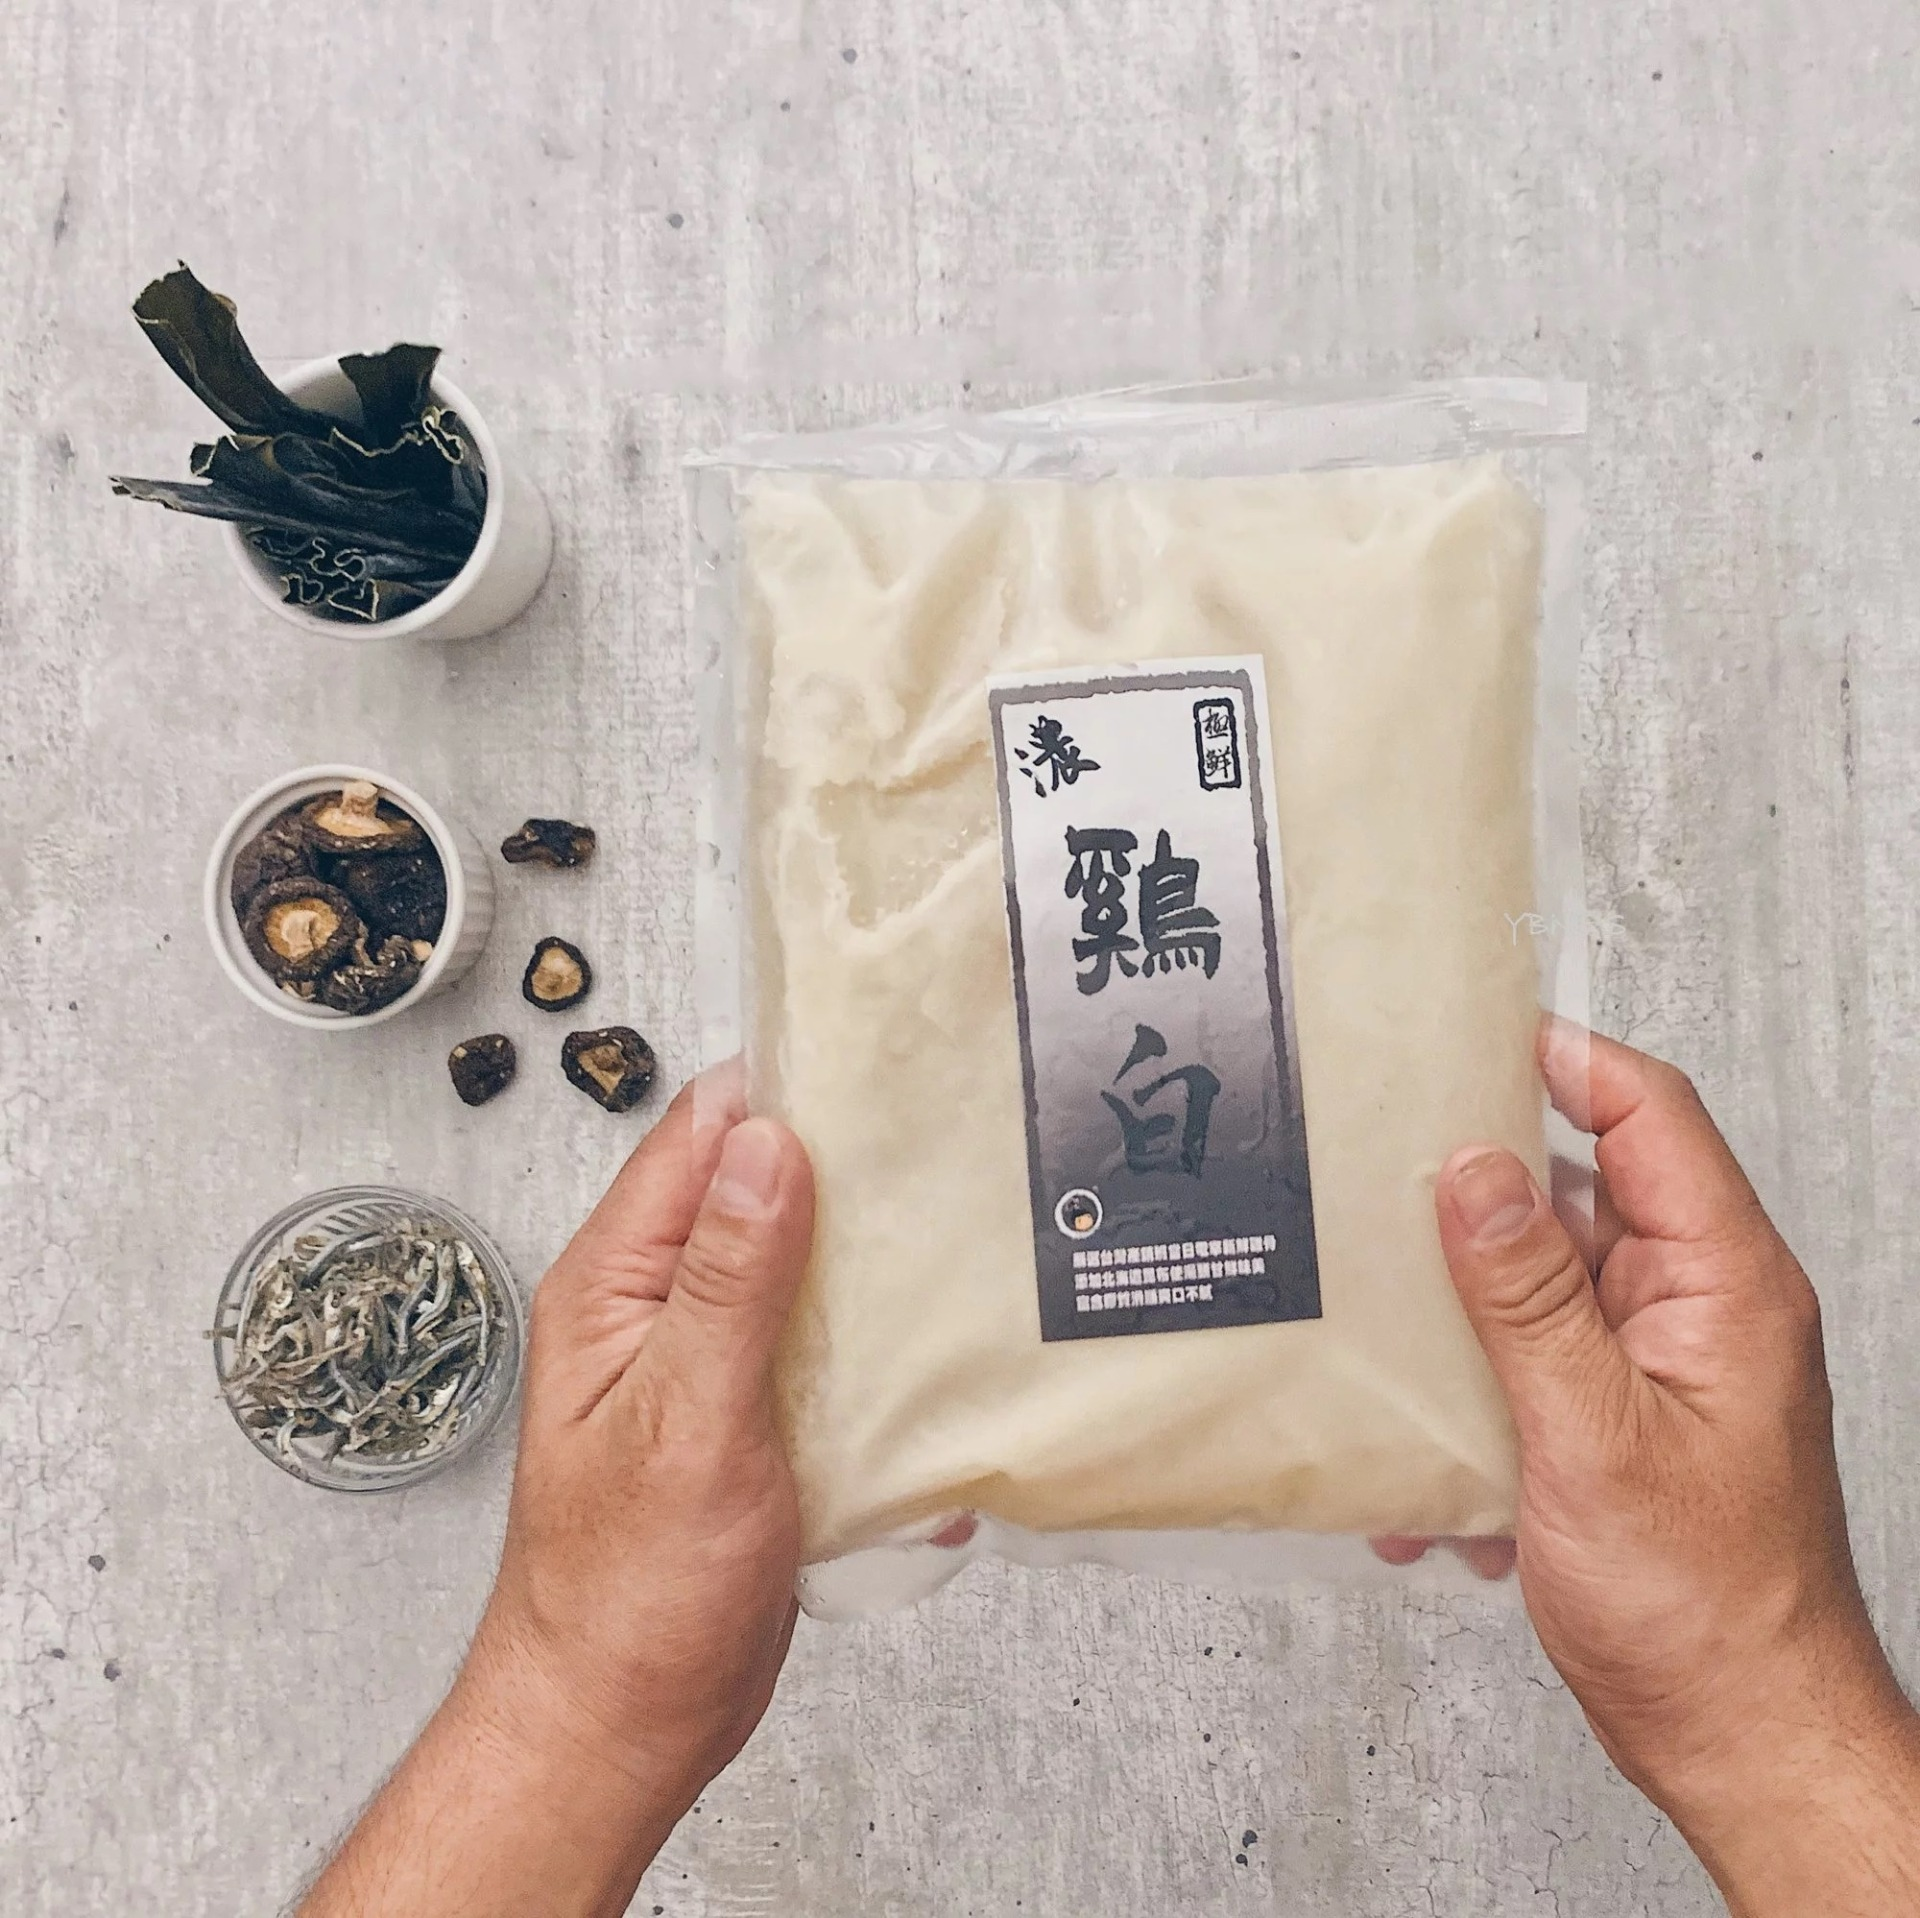 [鮮鱻本舖] 生酮可食 極鮮濃郁雞白湯 (500g/包) 5入